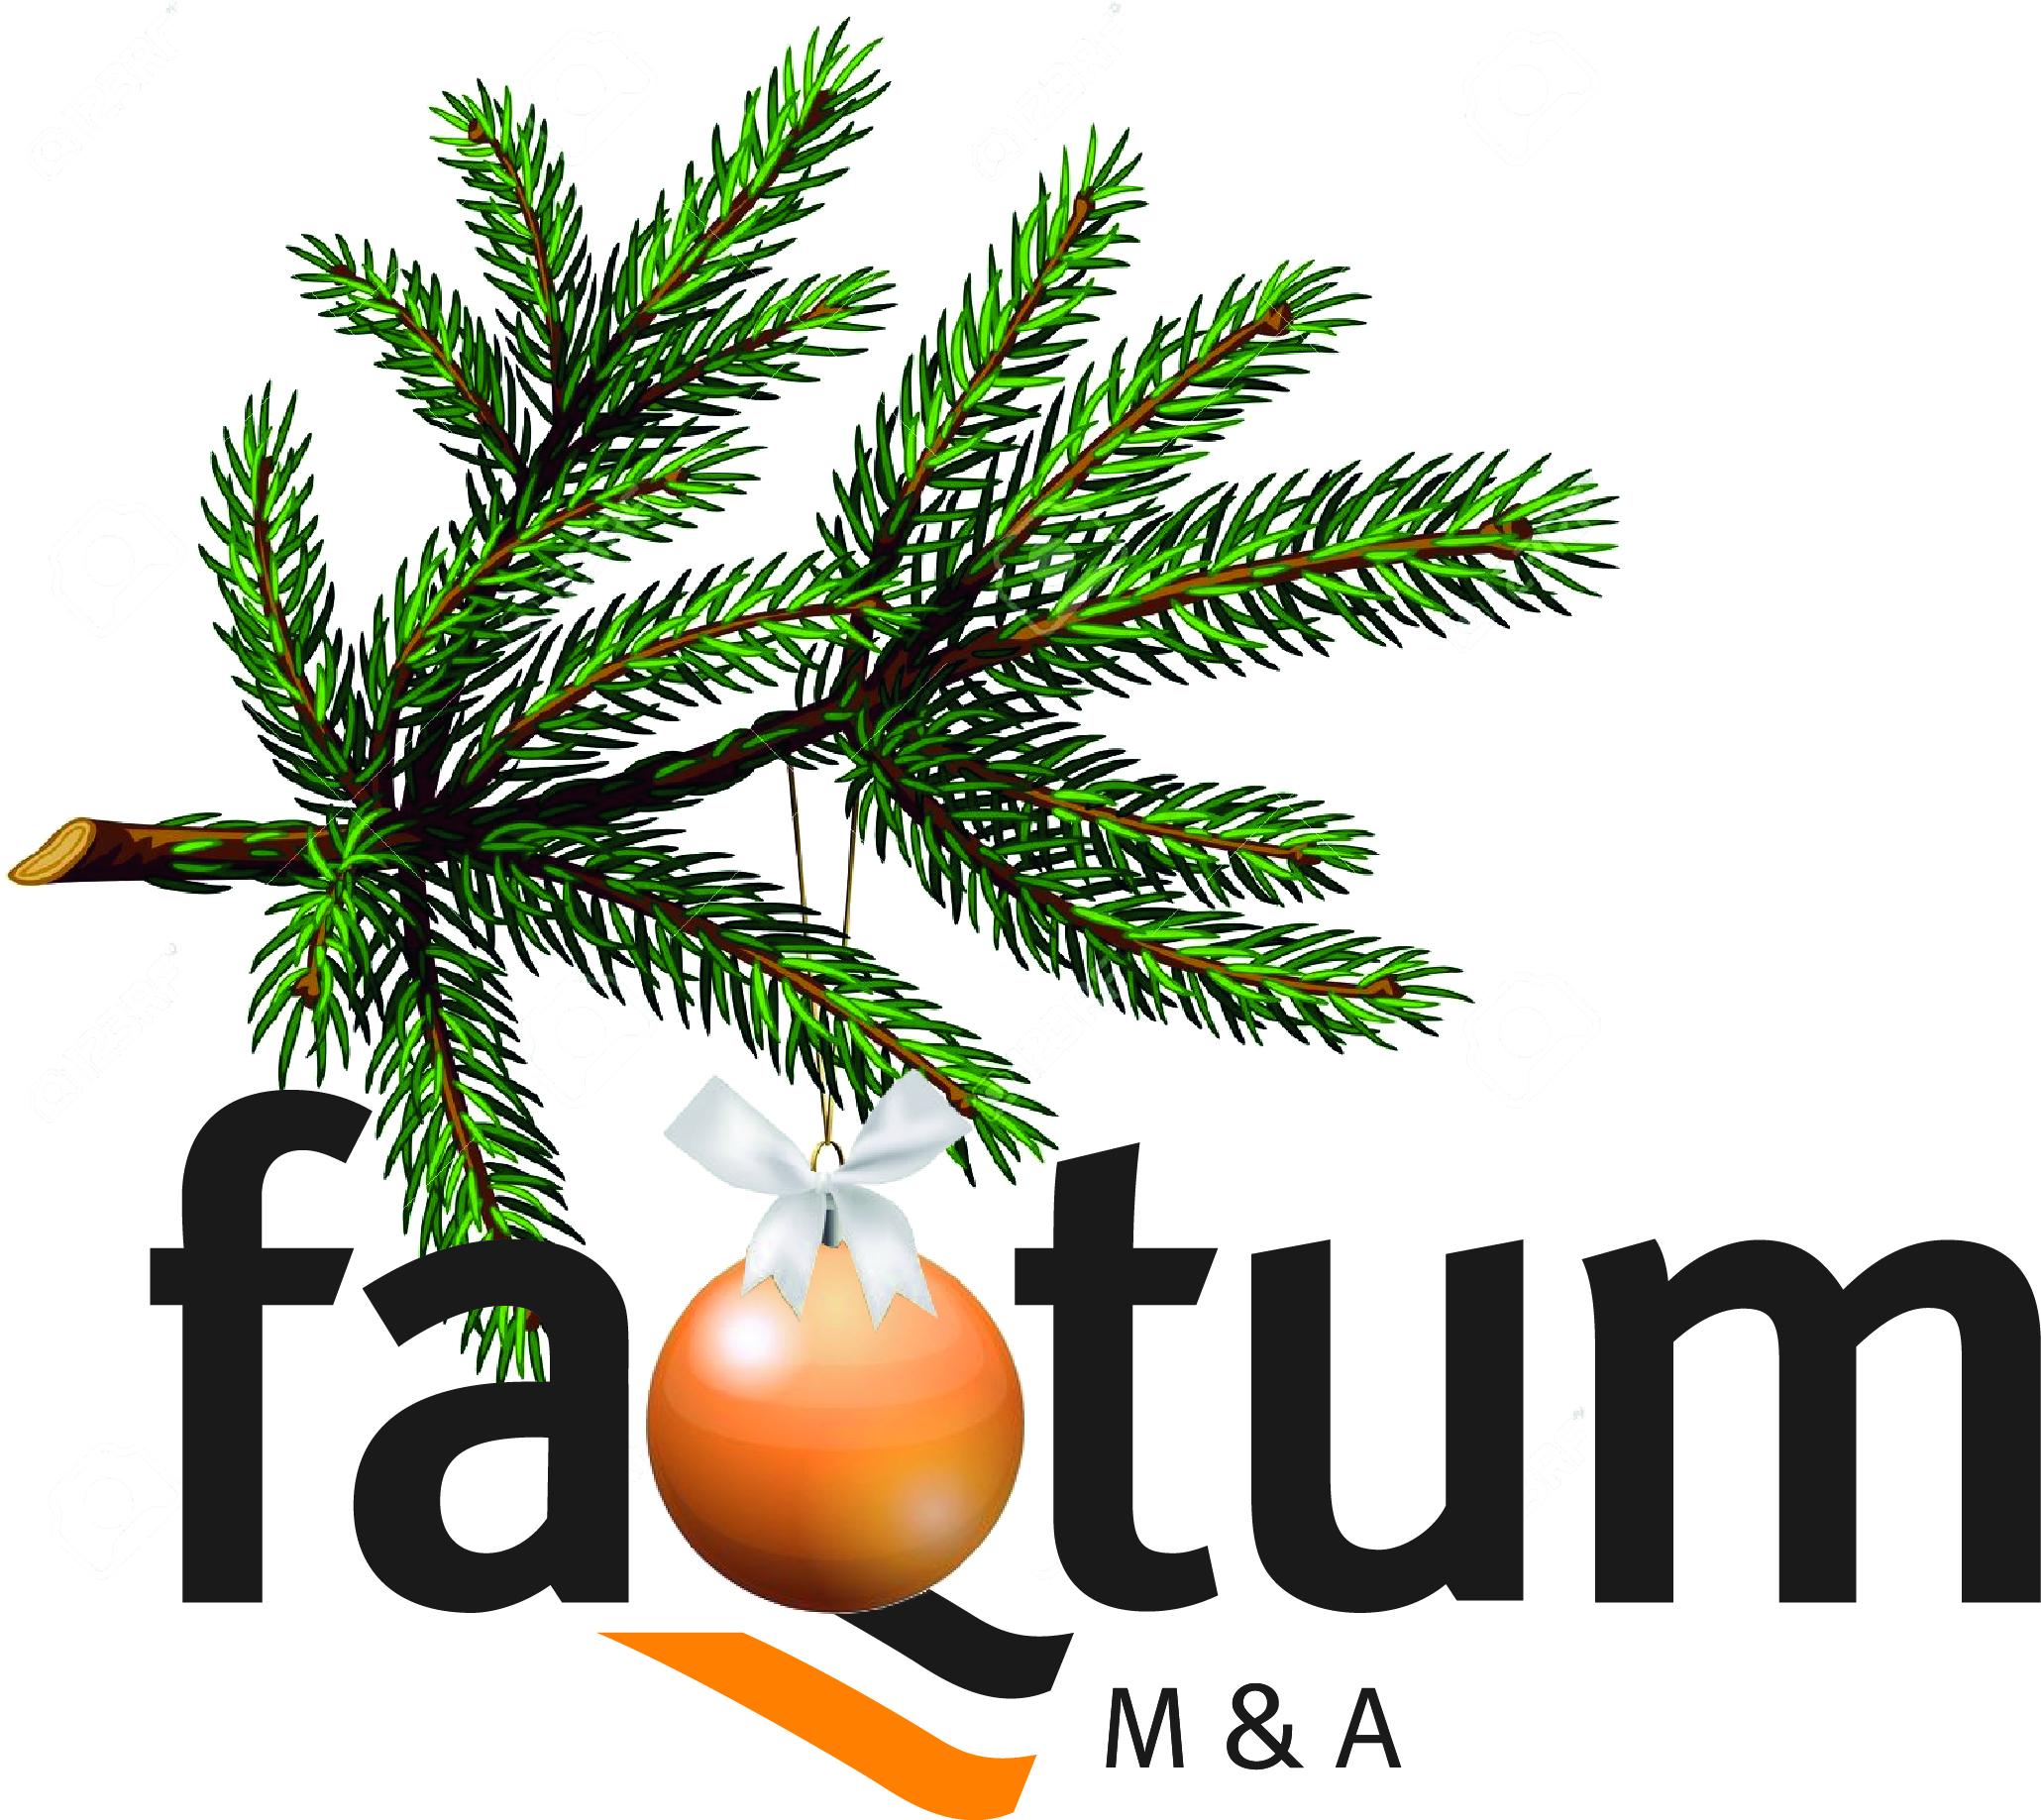 Faqtum M-A CMYK-JUL02.jpg